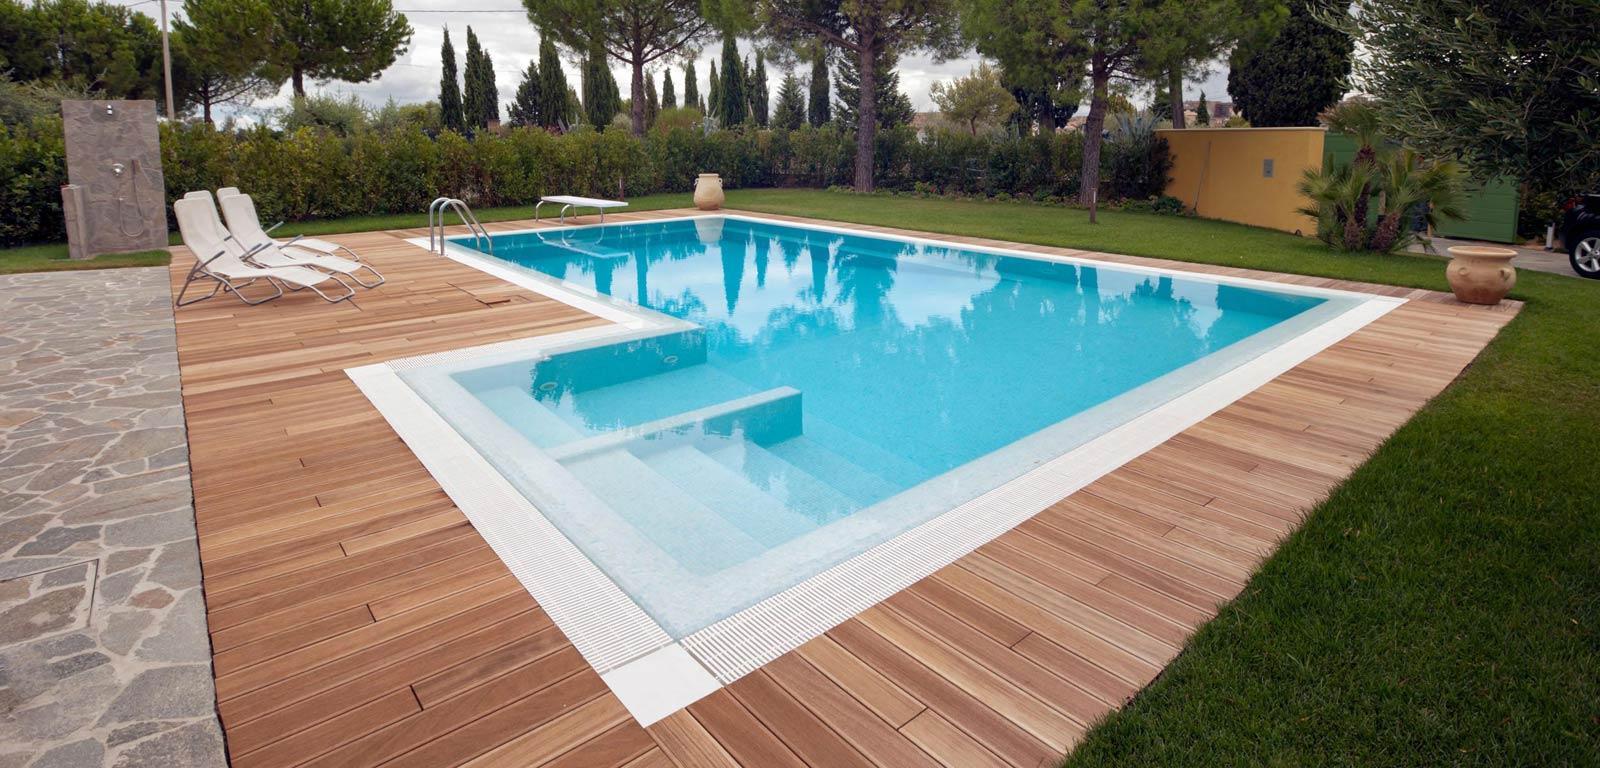 Piscine con sfioro piscine castiglione for Piscine esterne rettangolari